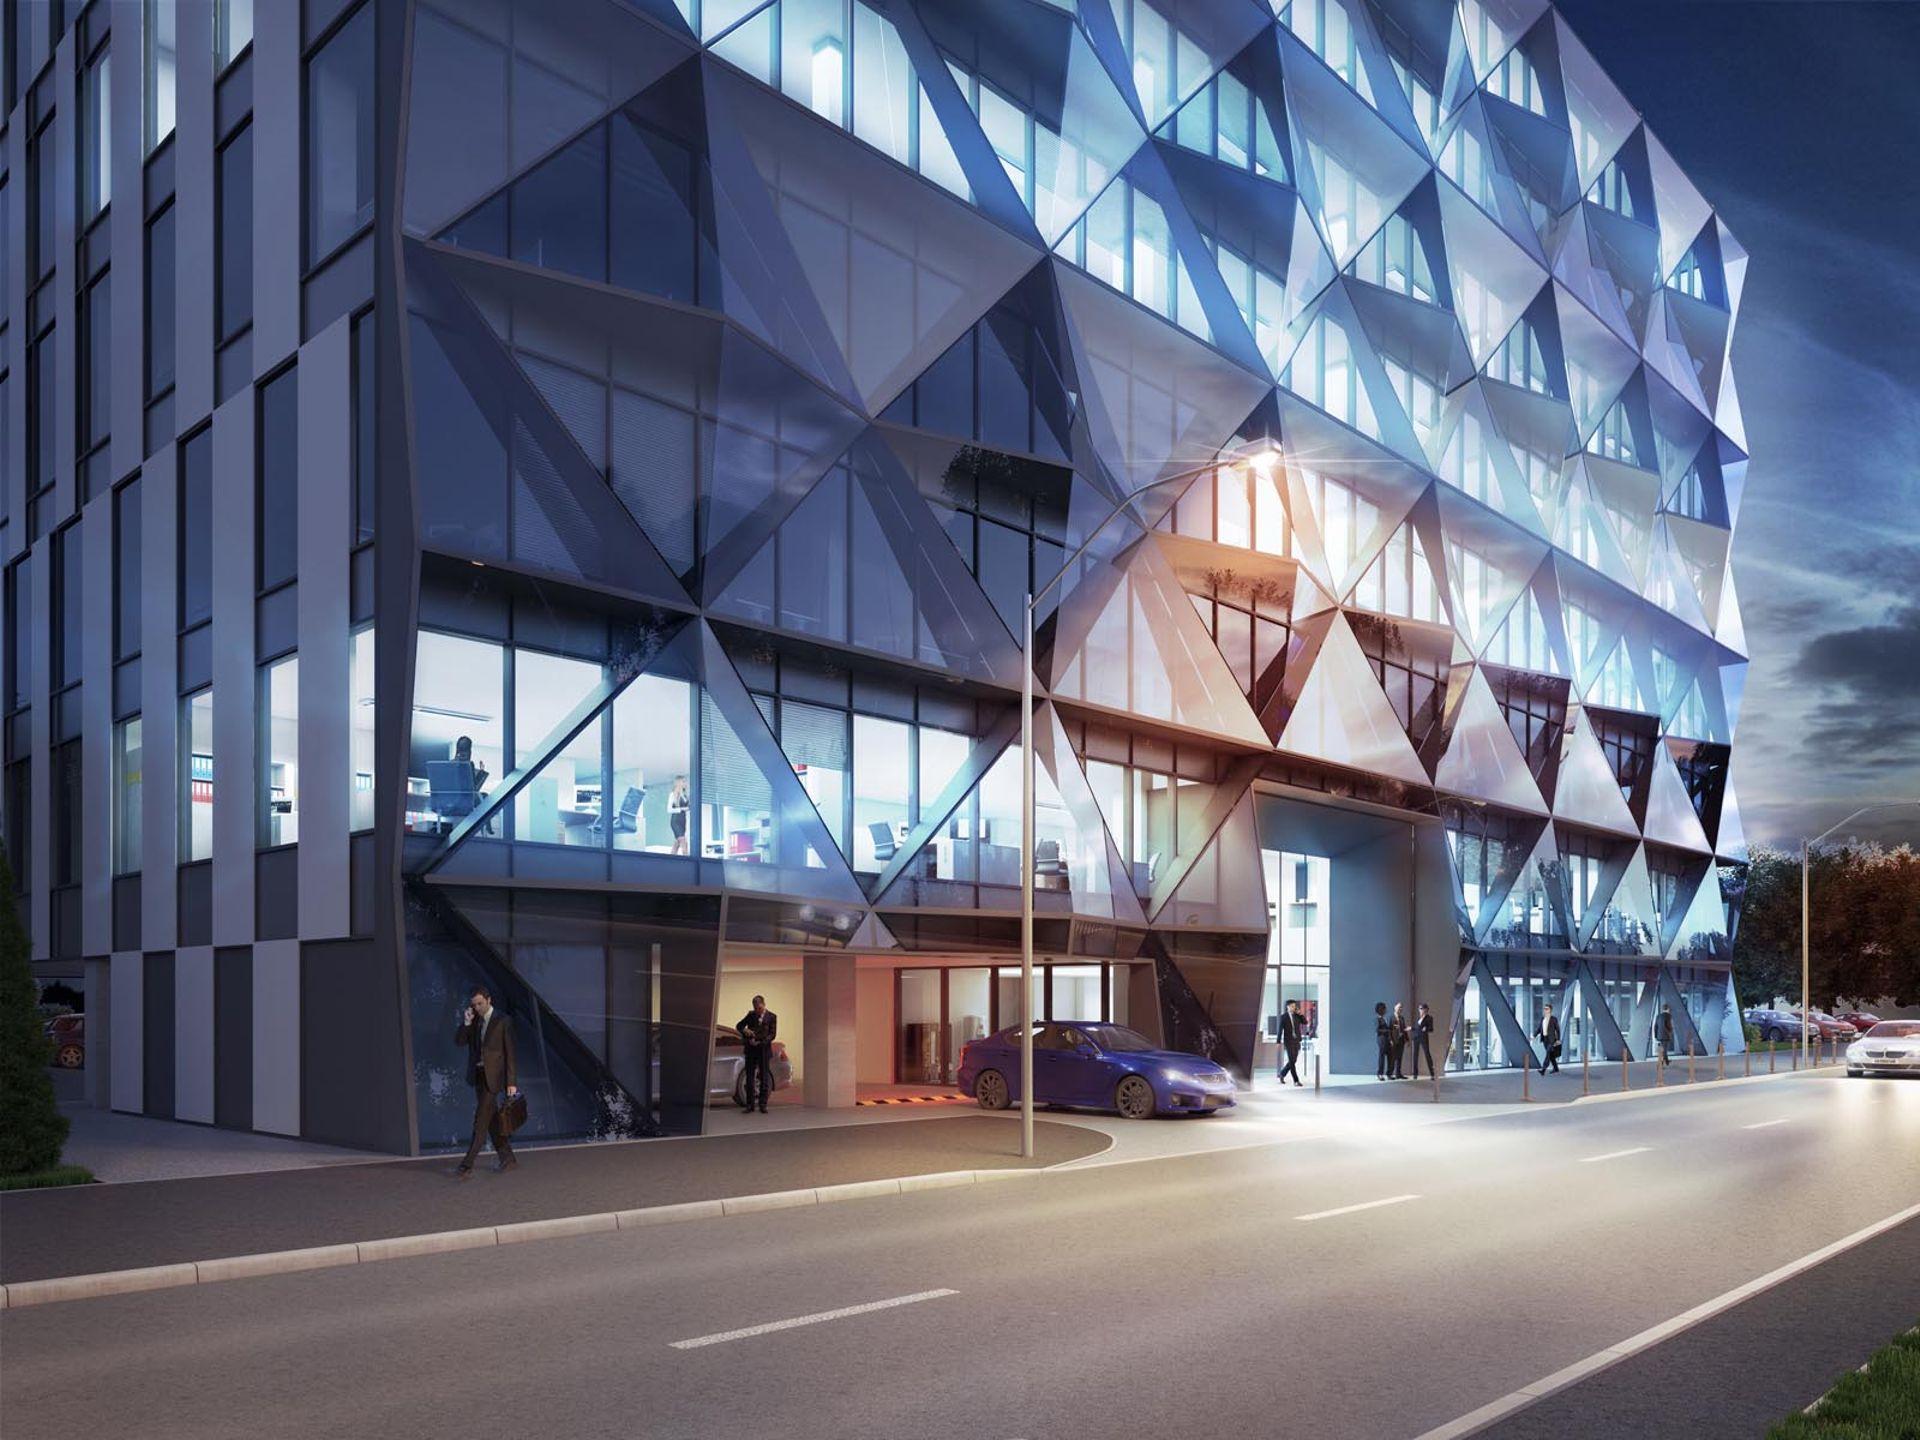 Wrocław: Biurowiec Diamentum Office uzyskał oficjalne pozwolenie na użytkowanie